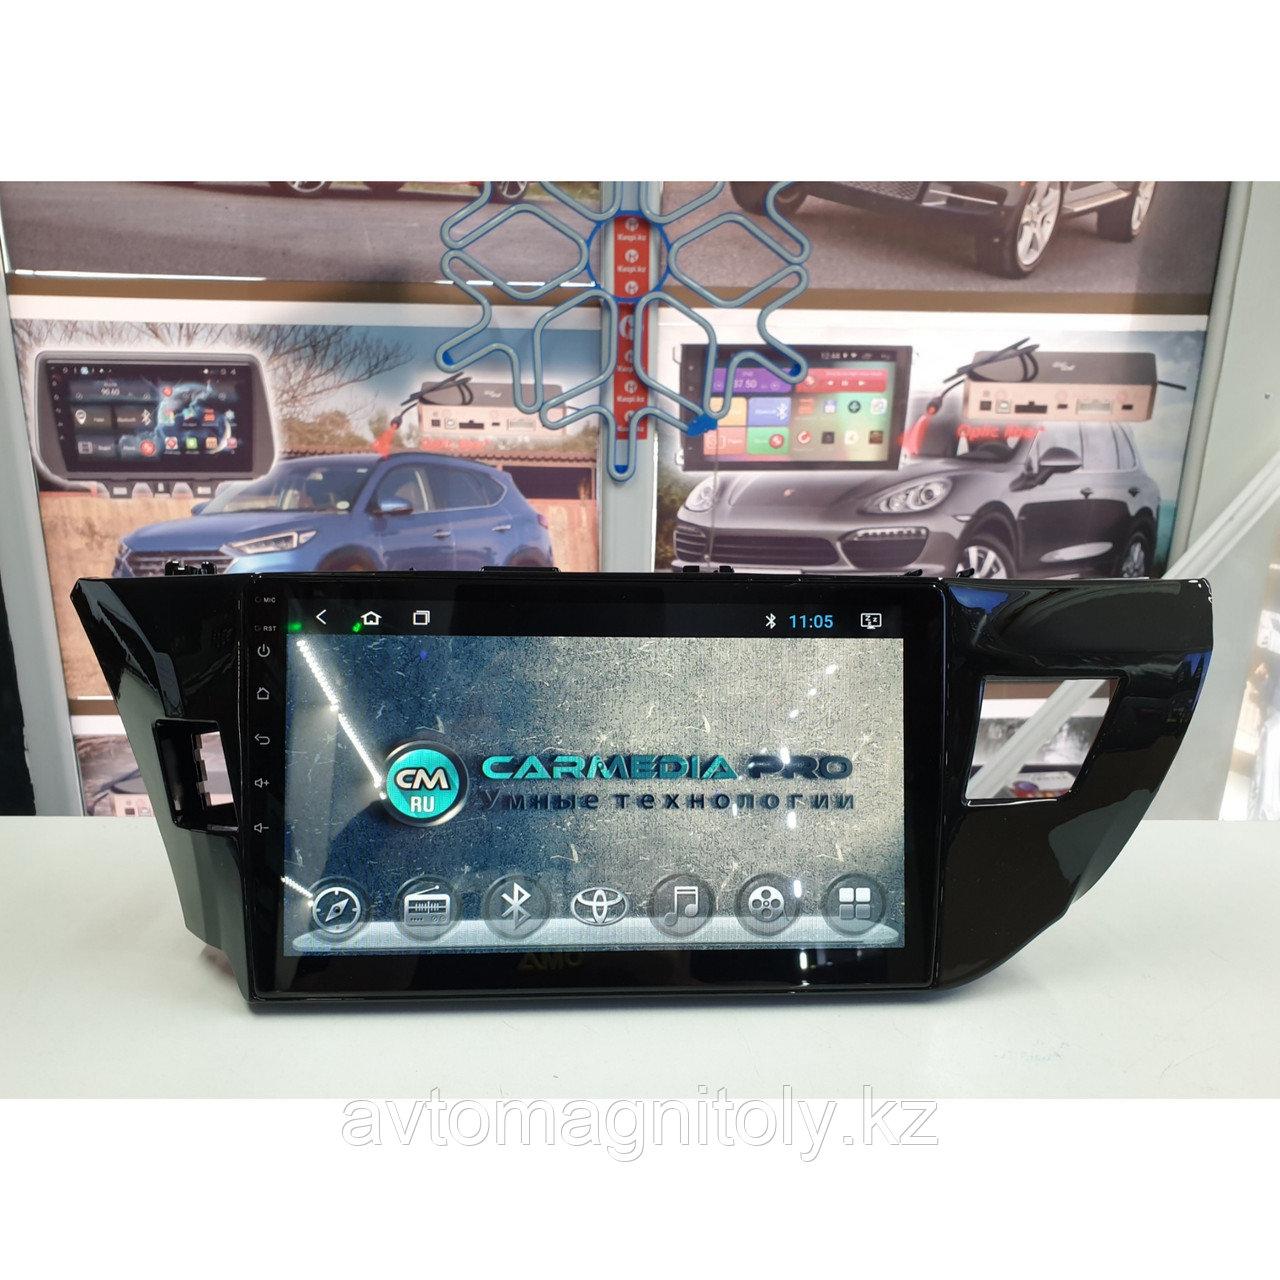 Магнитола CarMedia PRO Toyota Corolla 2013-2015